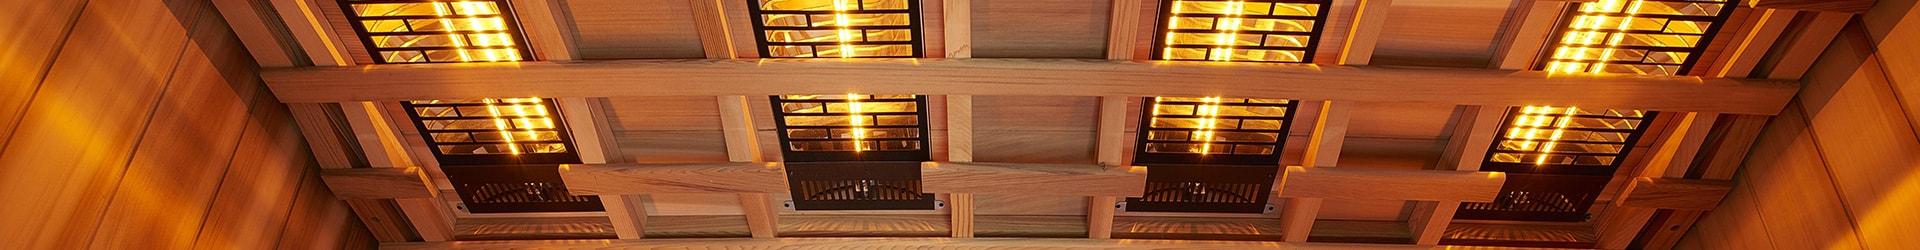 Sunspa Sauna Brugge